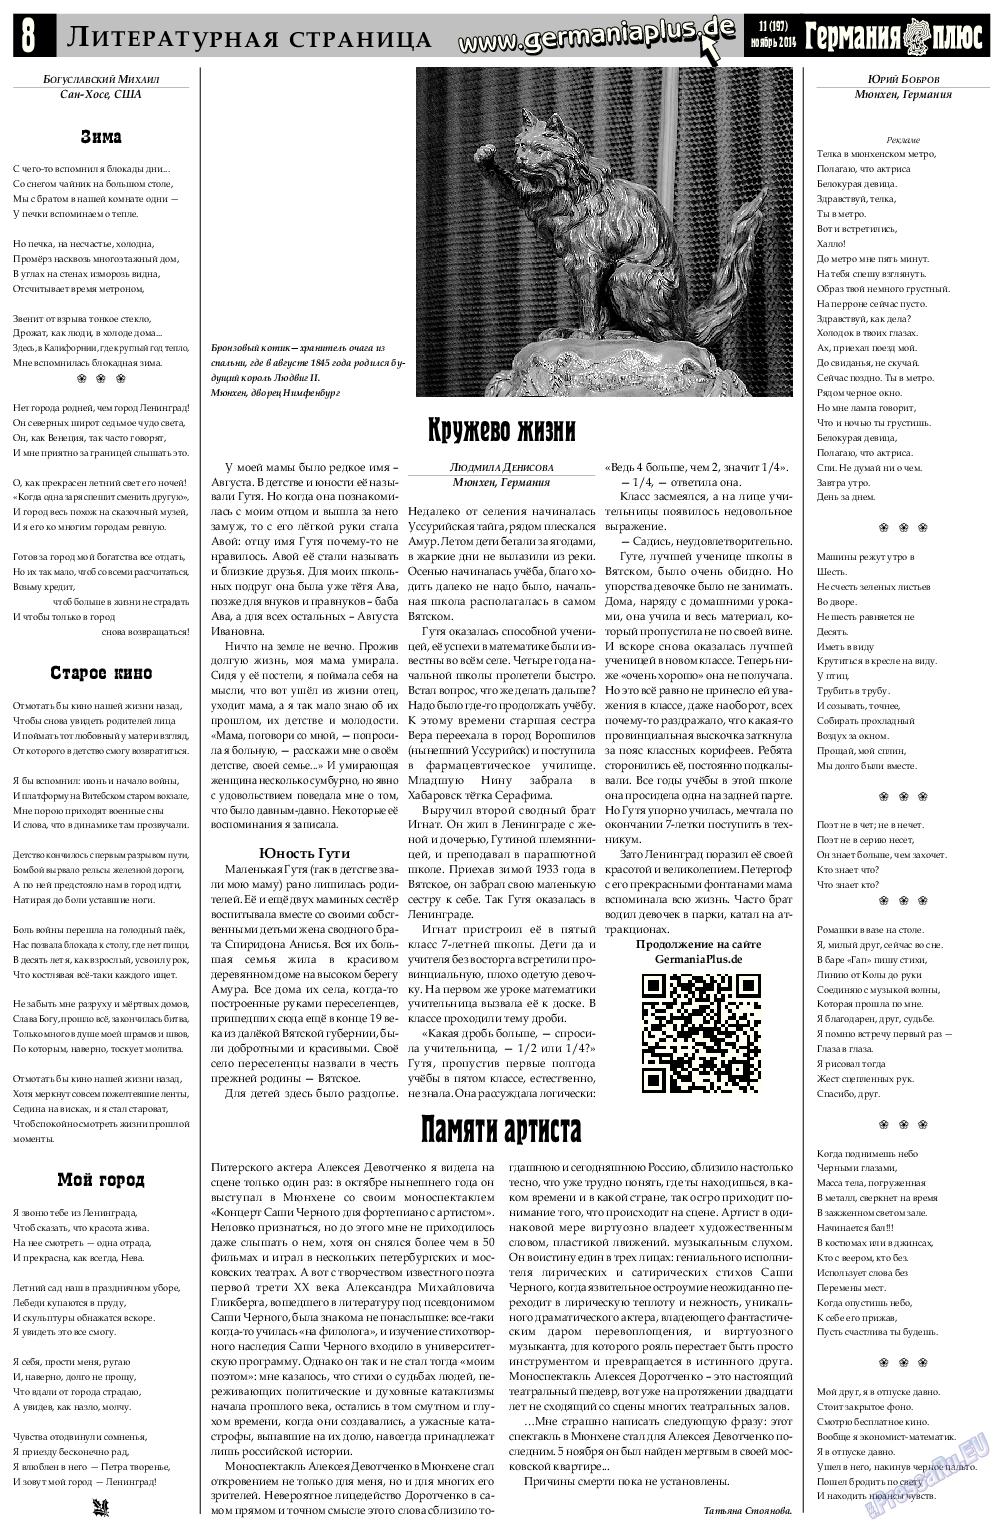 Германия плюс (газета). 2014 год, номер 11, стр. 8